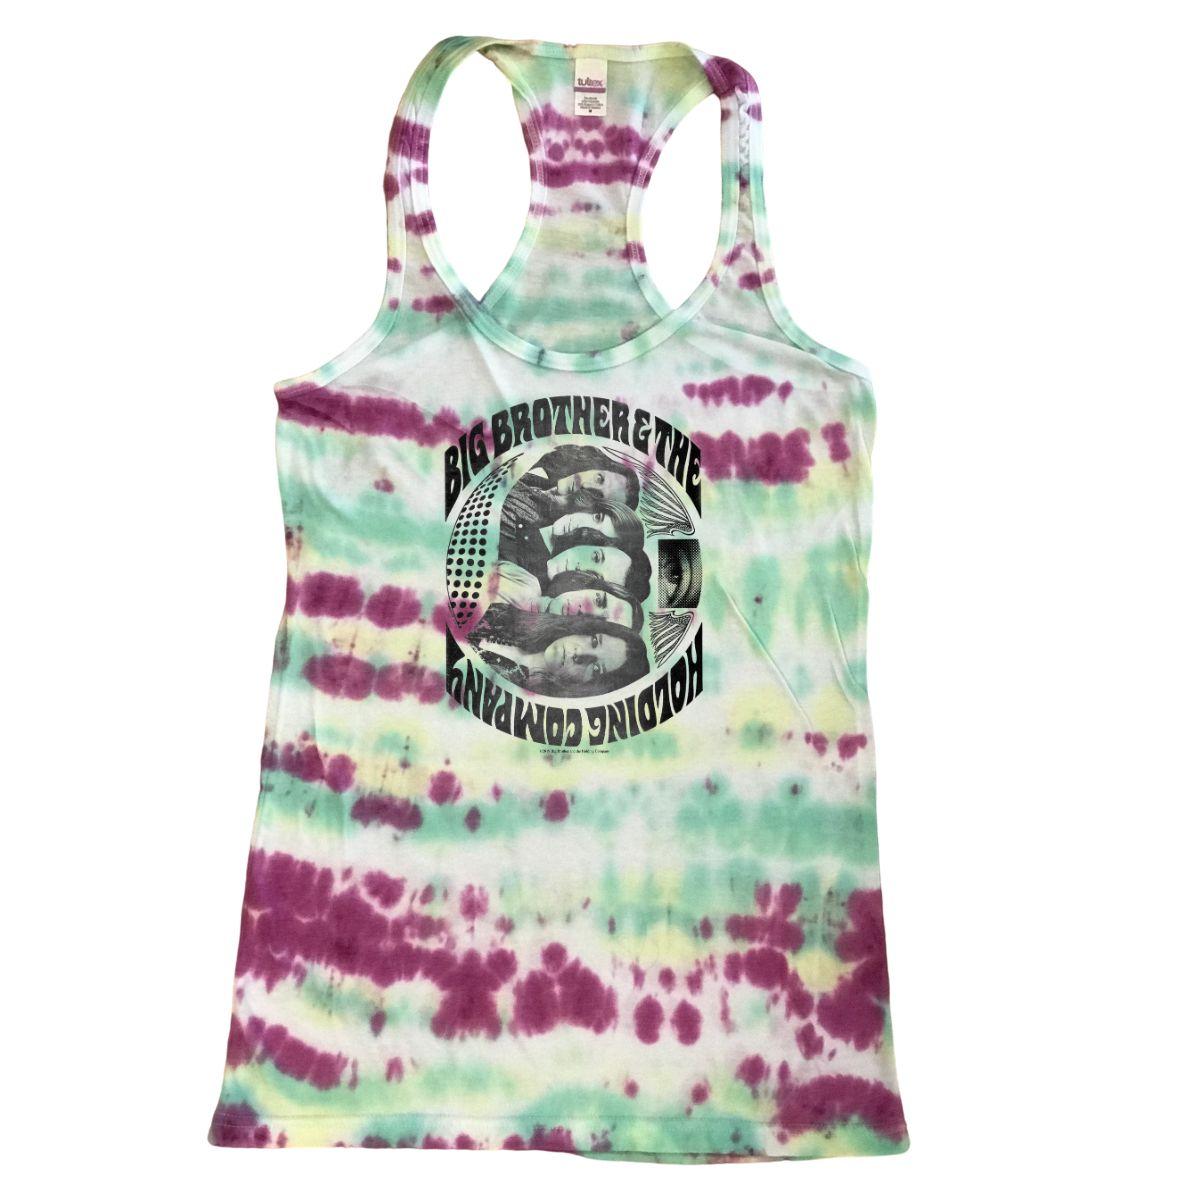 Women's Tie-Dye Band Tank Top